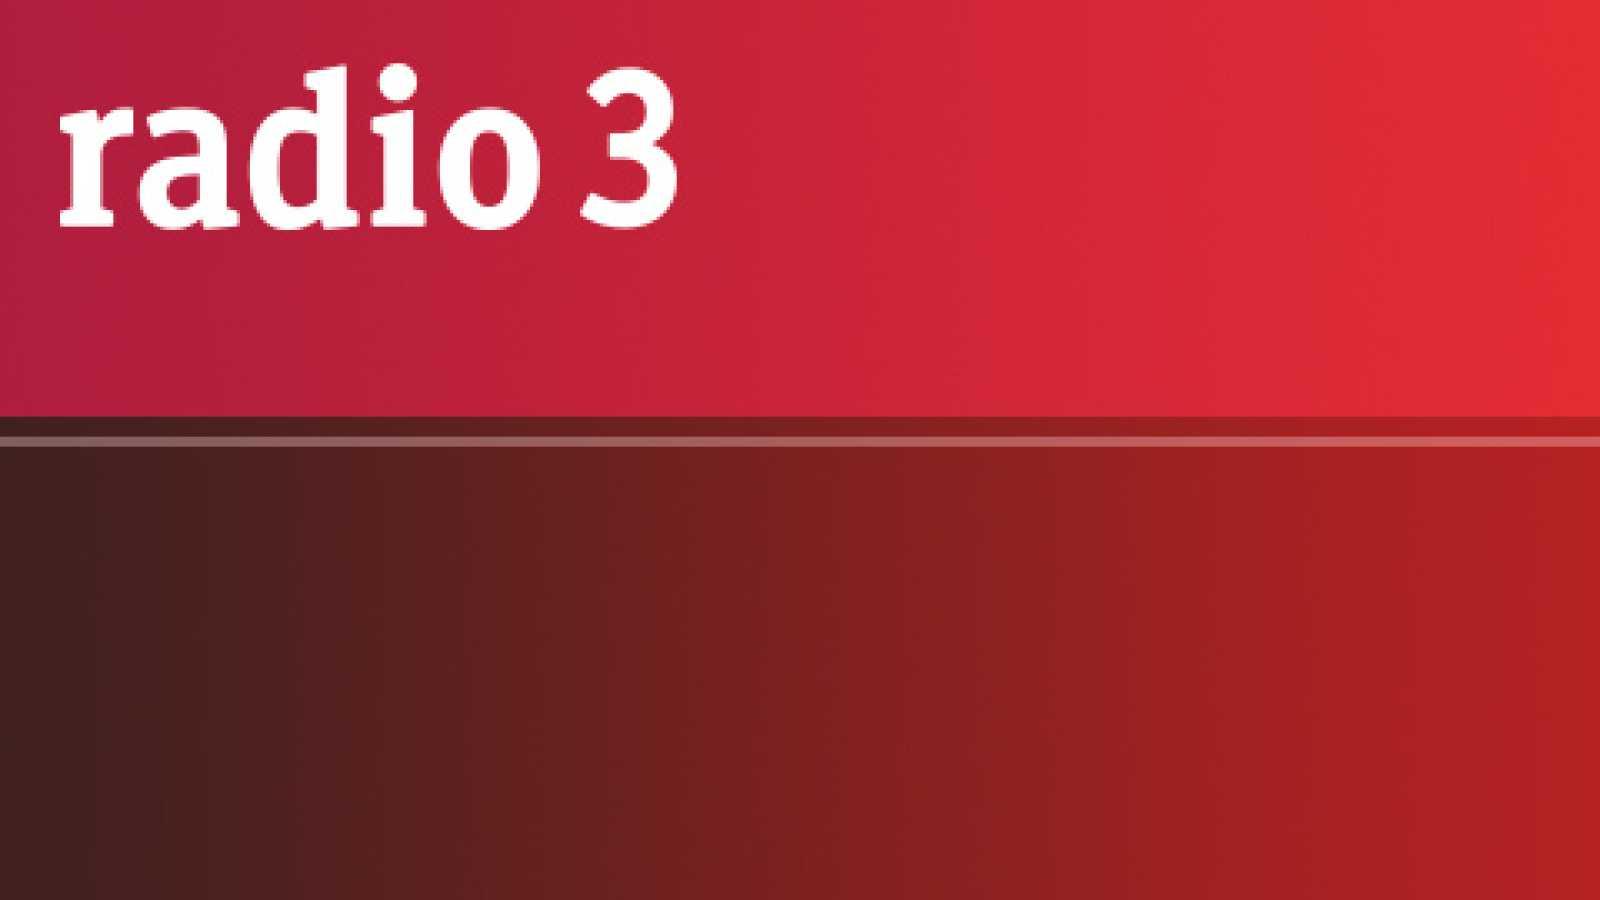 Fiesta de inauguración del nuevo estudio diseñado por SUSO33 - escuchar ahora